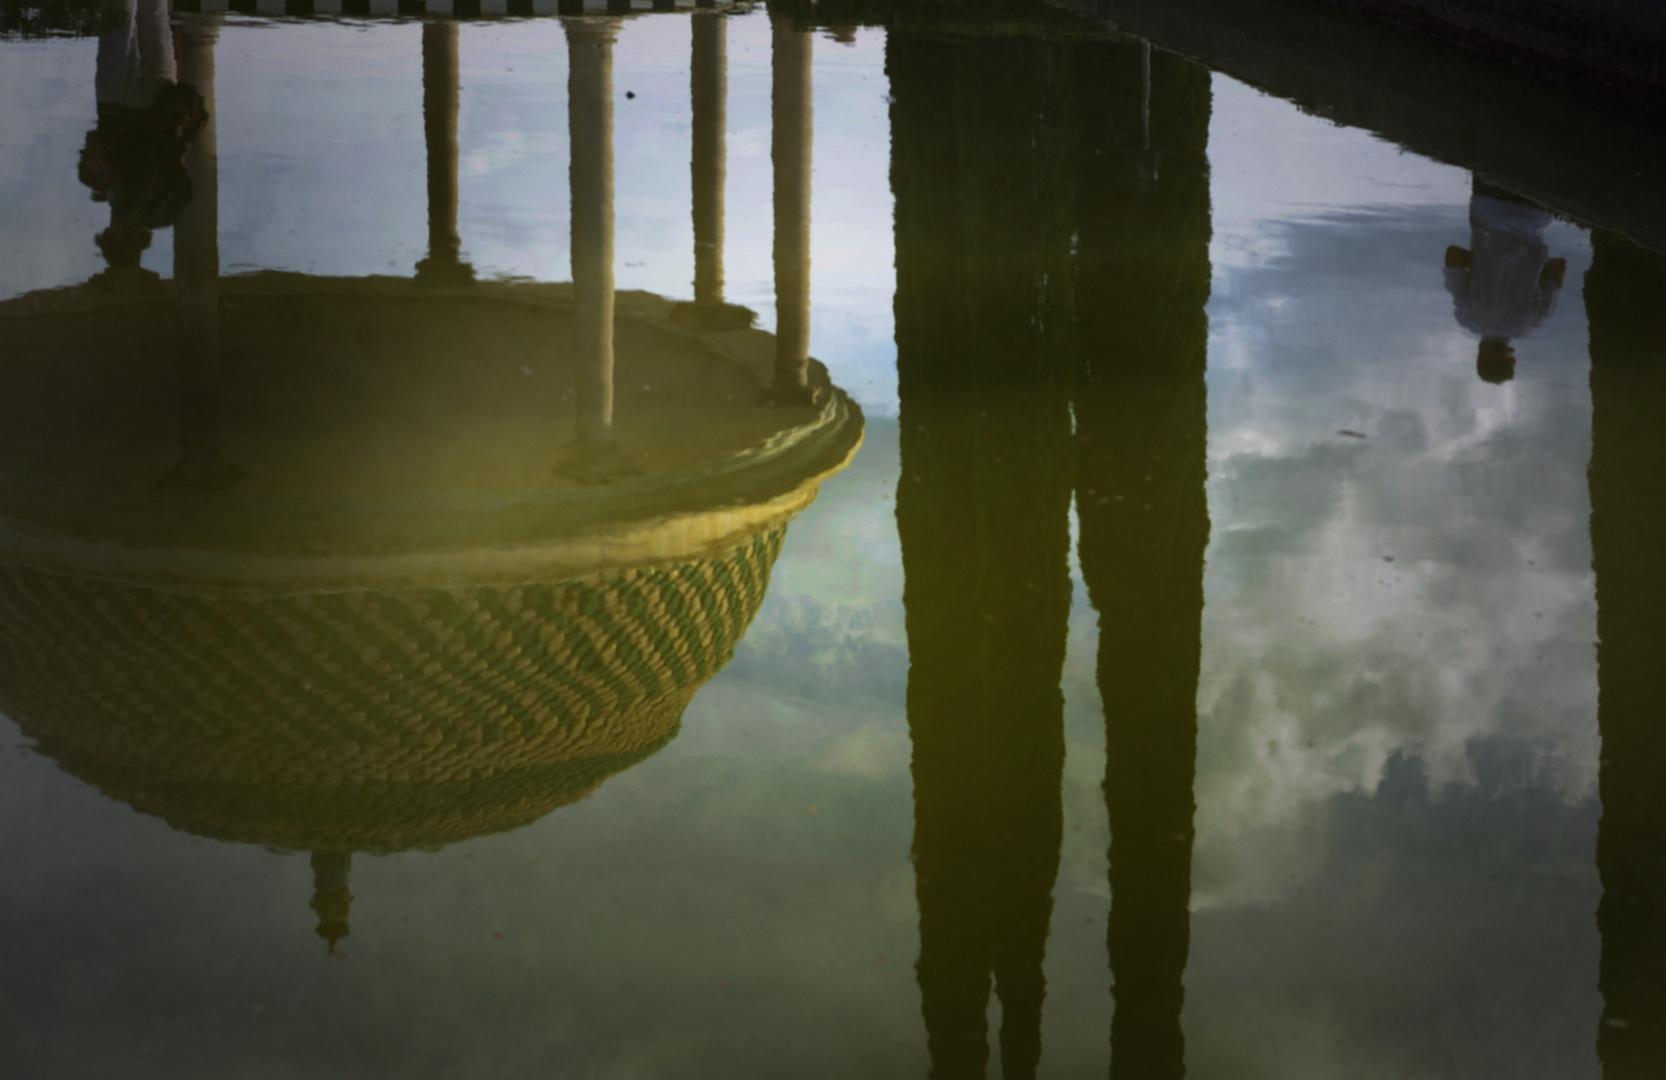 Upside down.